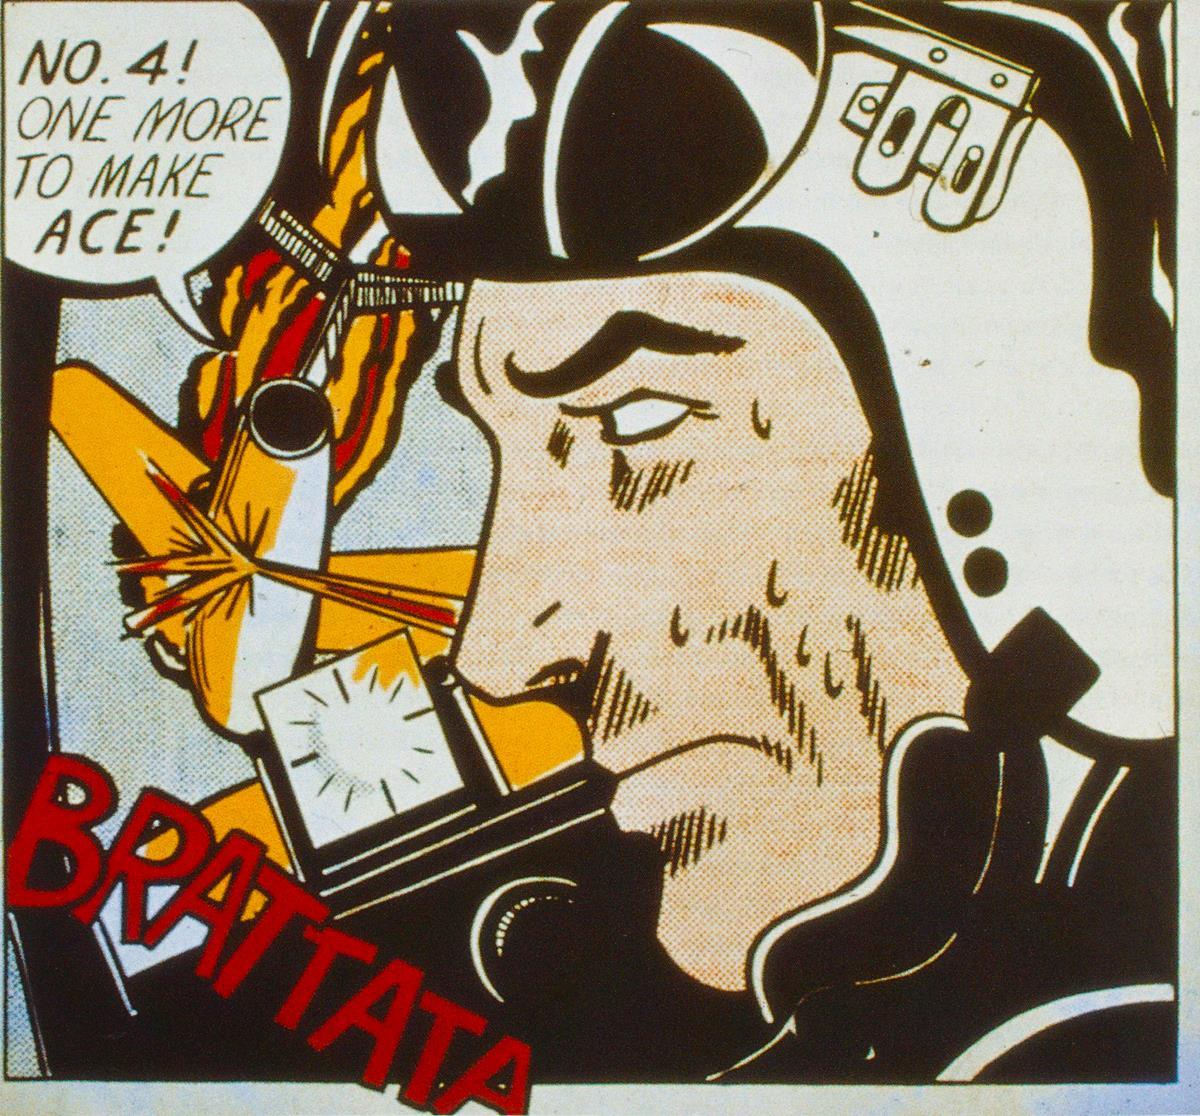 Brattata. Roy Lichtenstein.